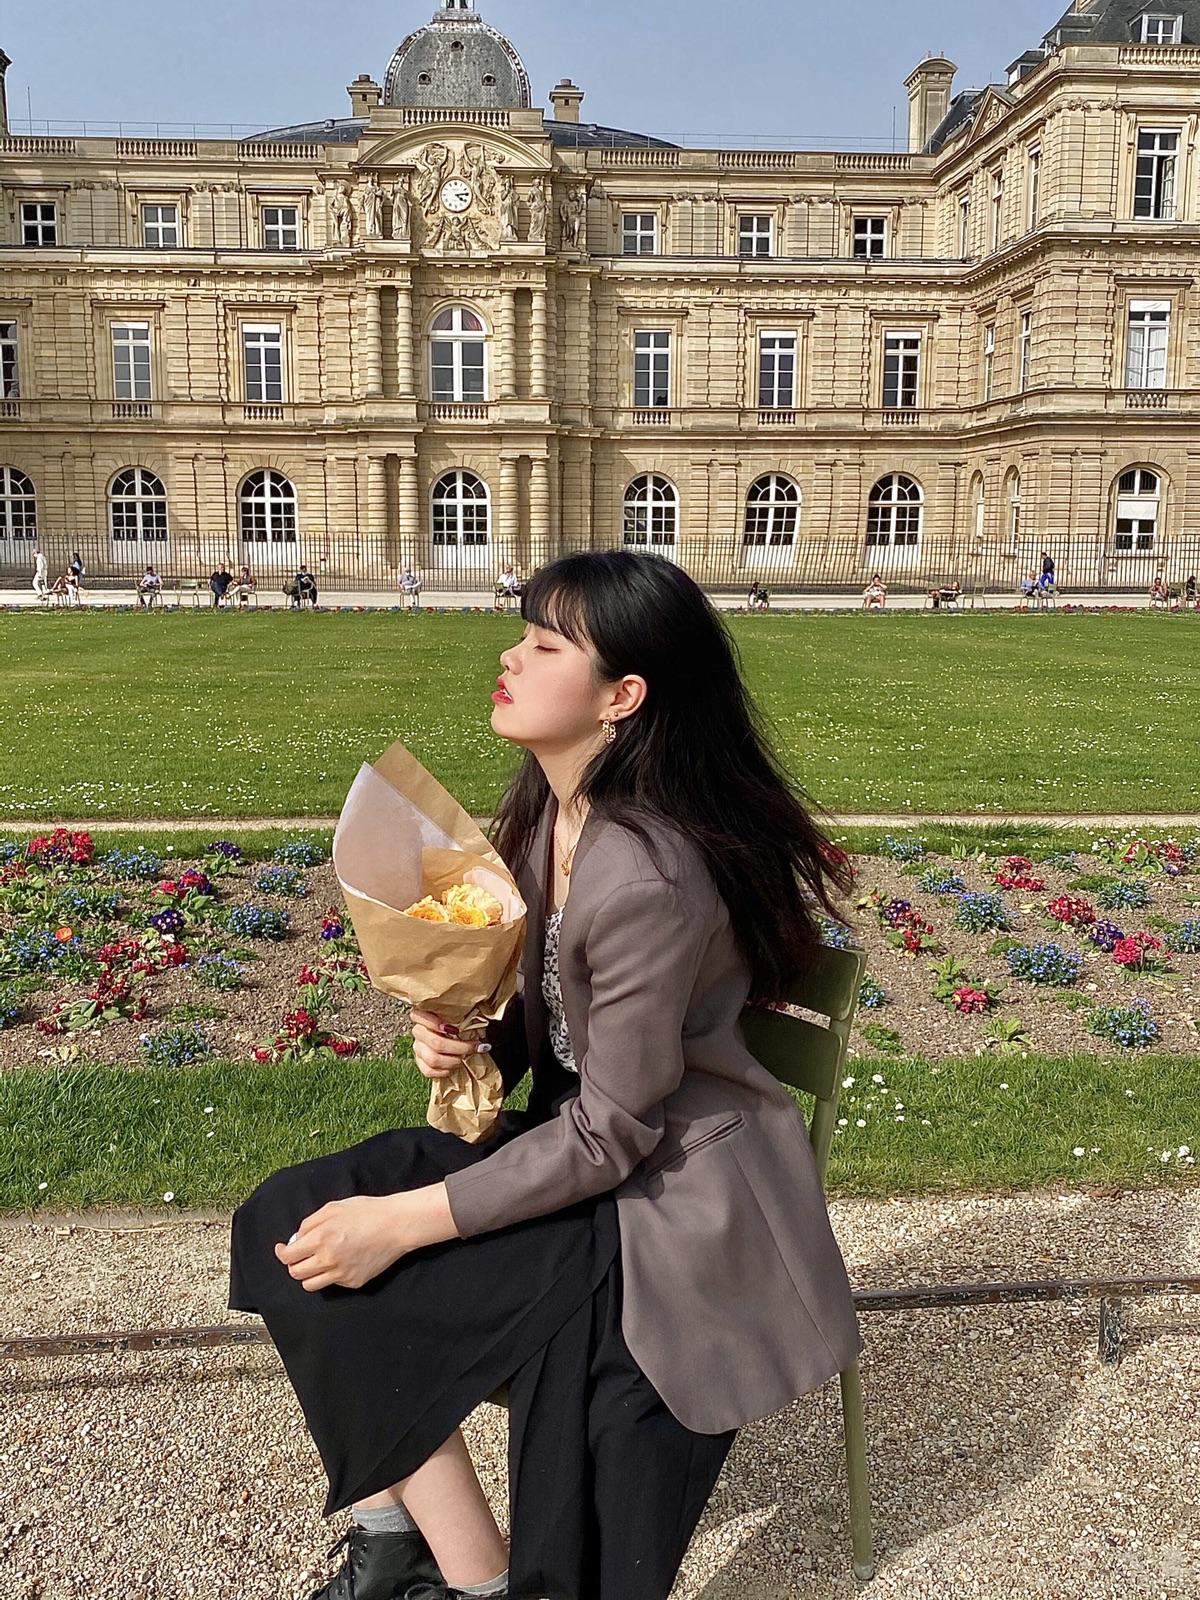 给自己买花💐| 法式浪漫生活的秘诀🇫🇷